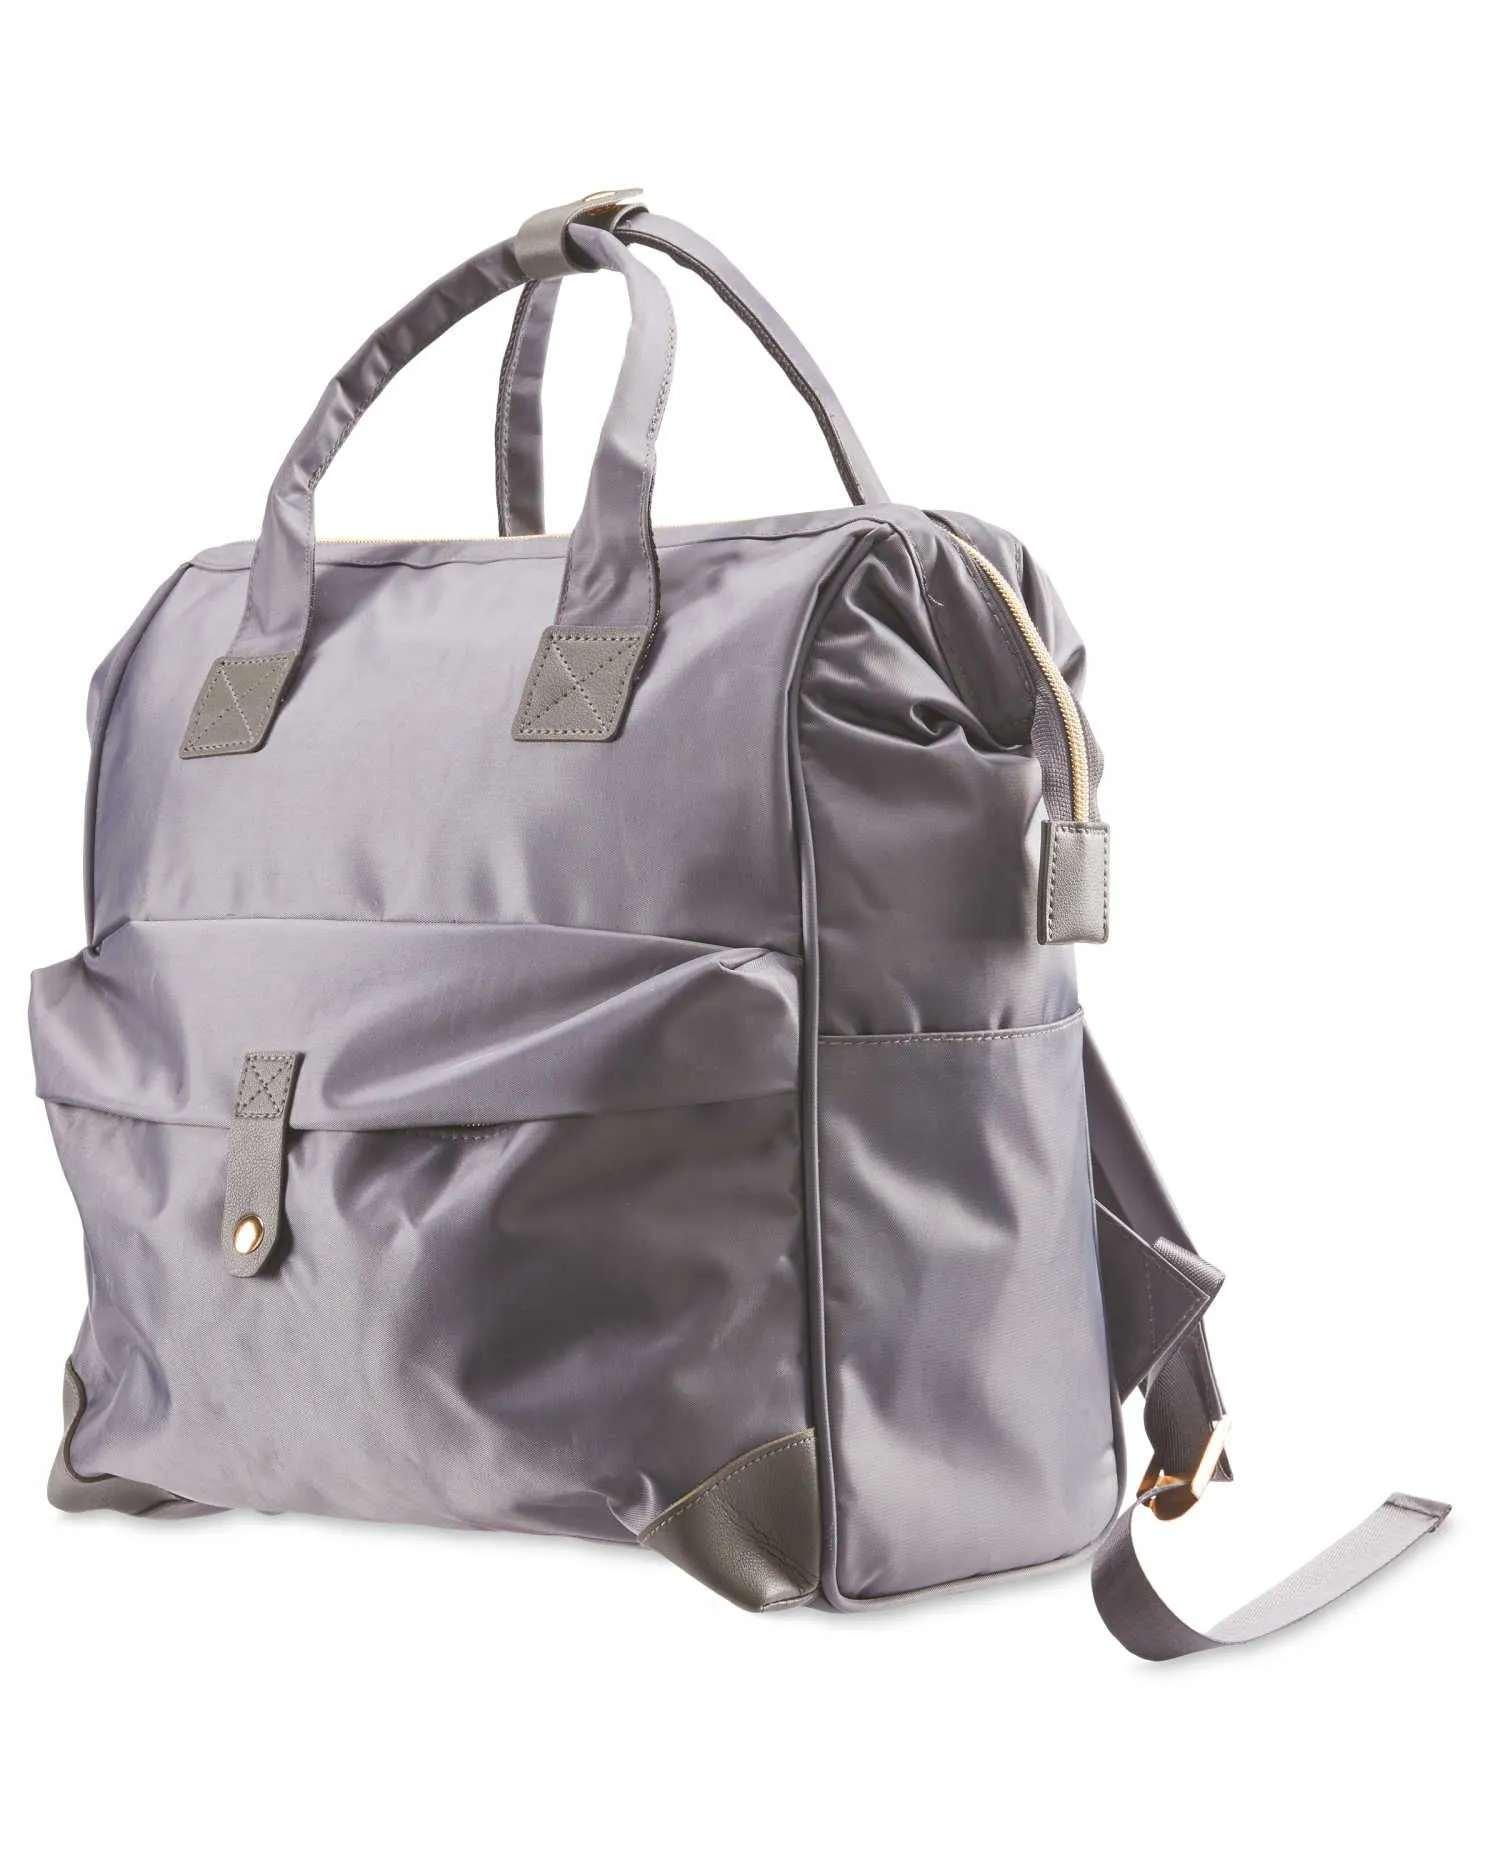 Grey Baby Change Backpack, Mamia.